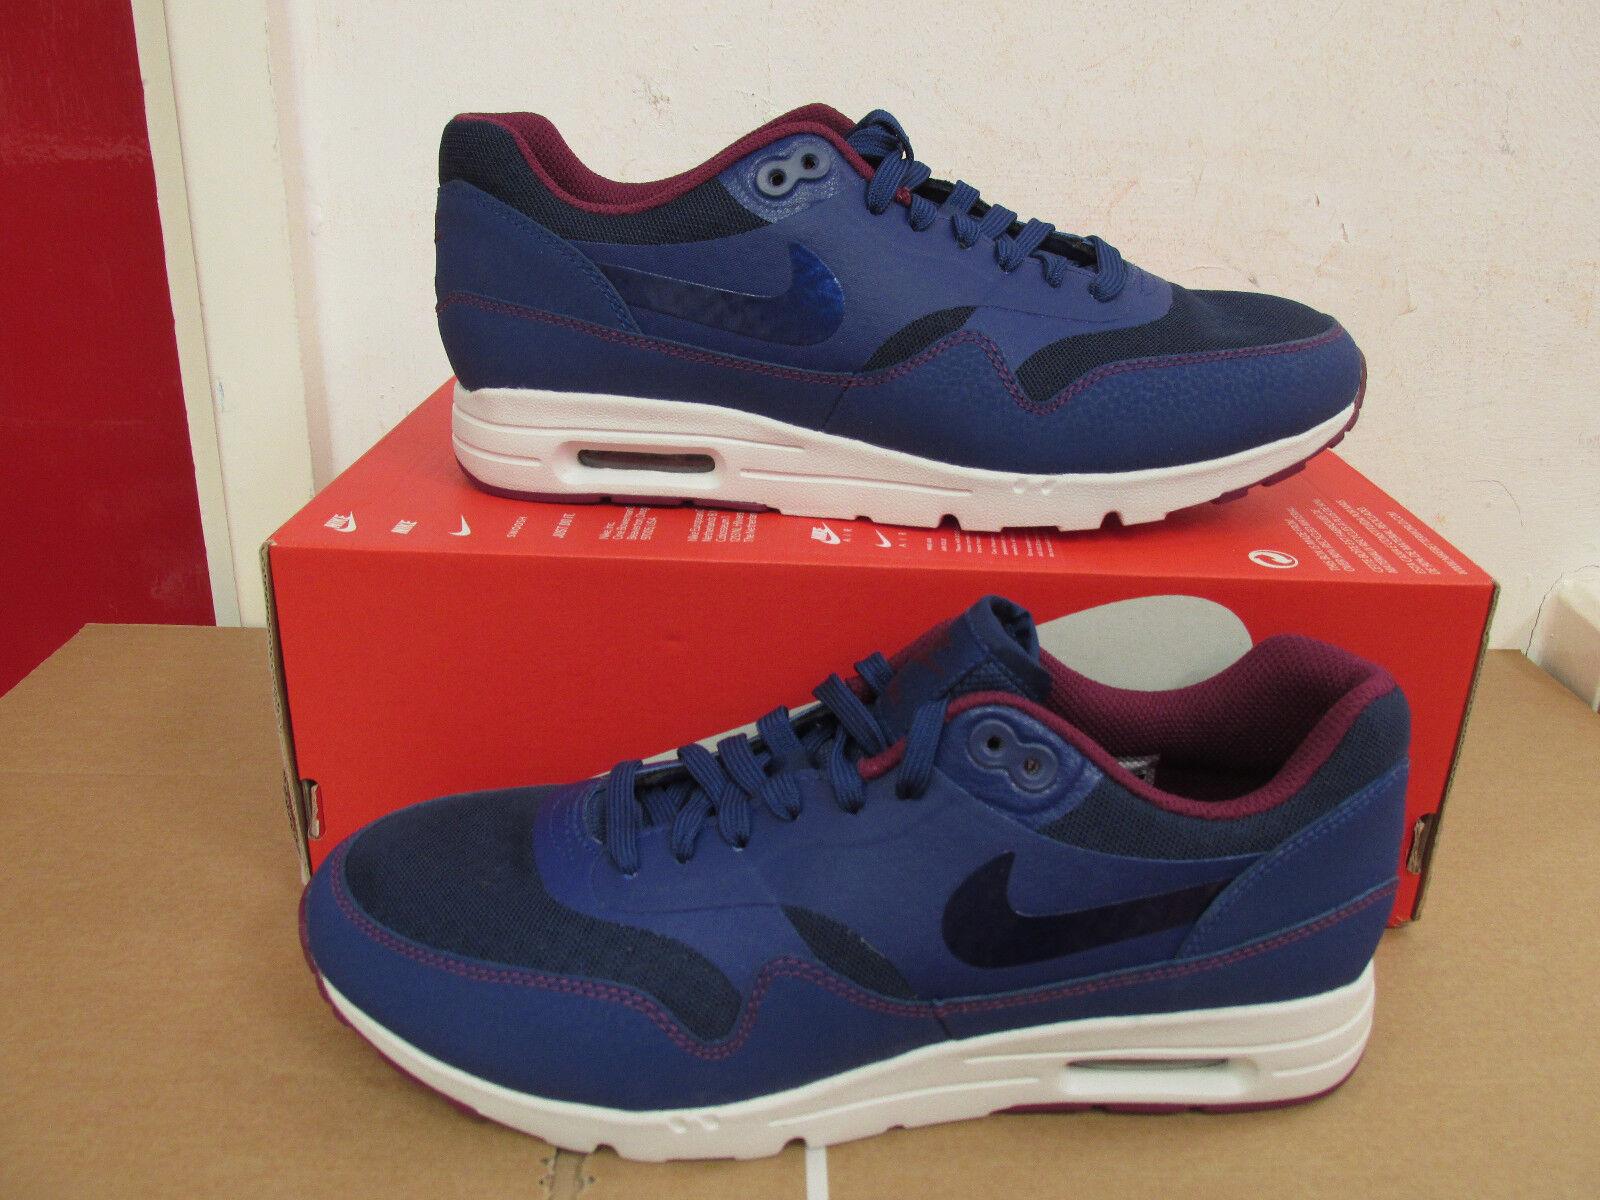 Nike Donna Nike Air Max 1 Ultra Svendita Essentials 704993 401 Scarpe da Tennis Svendita Ultra eea88e